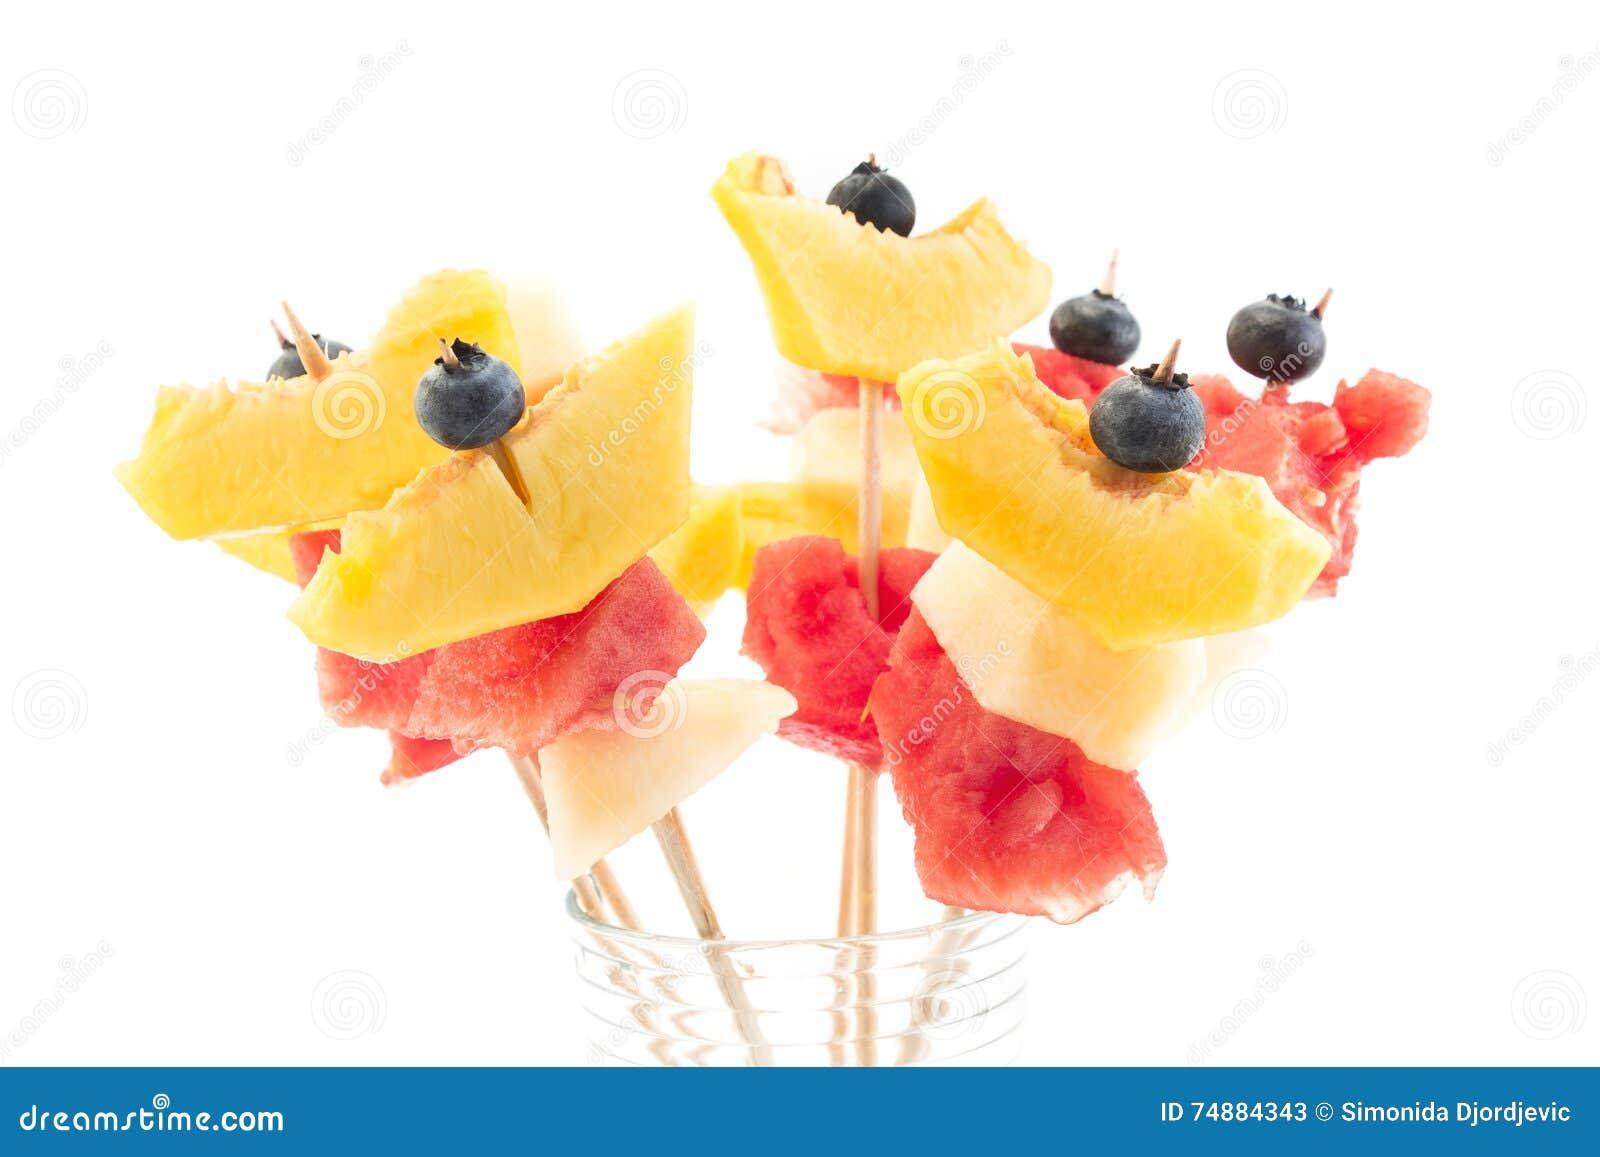 Αναζωογονώντας οβελίδια φρούτων - πρόχειρο φαγητό φρούτων